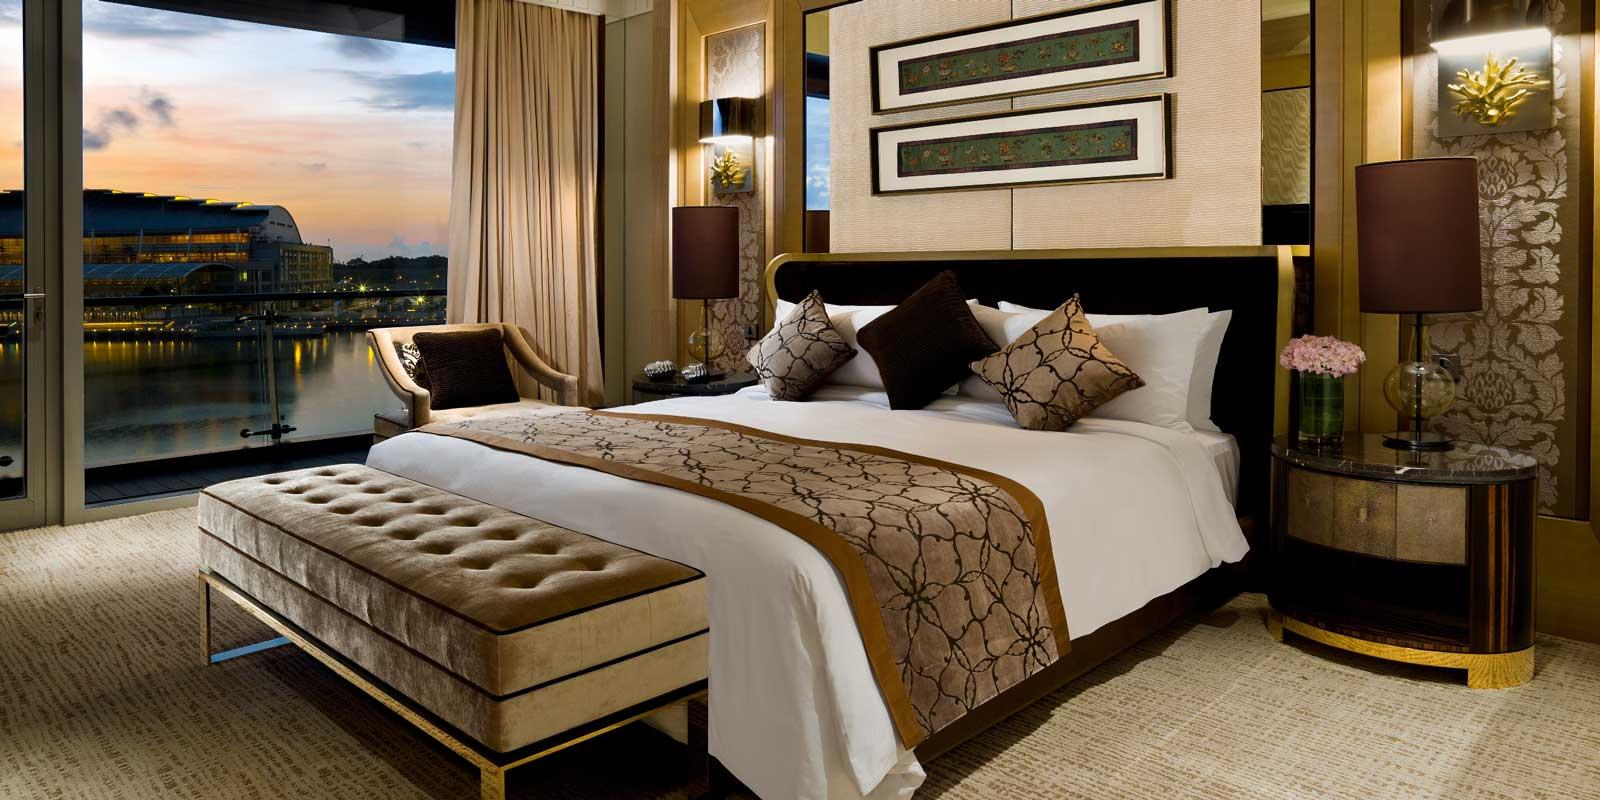 Presidential Suite   Hotel Suites in Singapore   Rooms & Suites